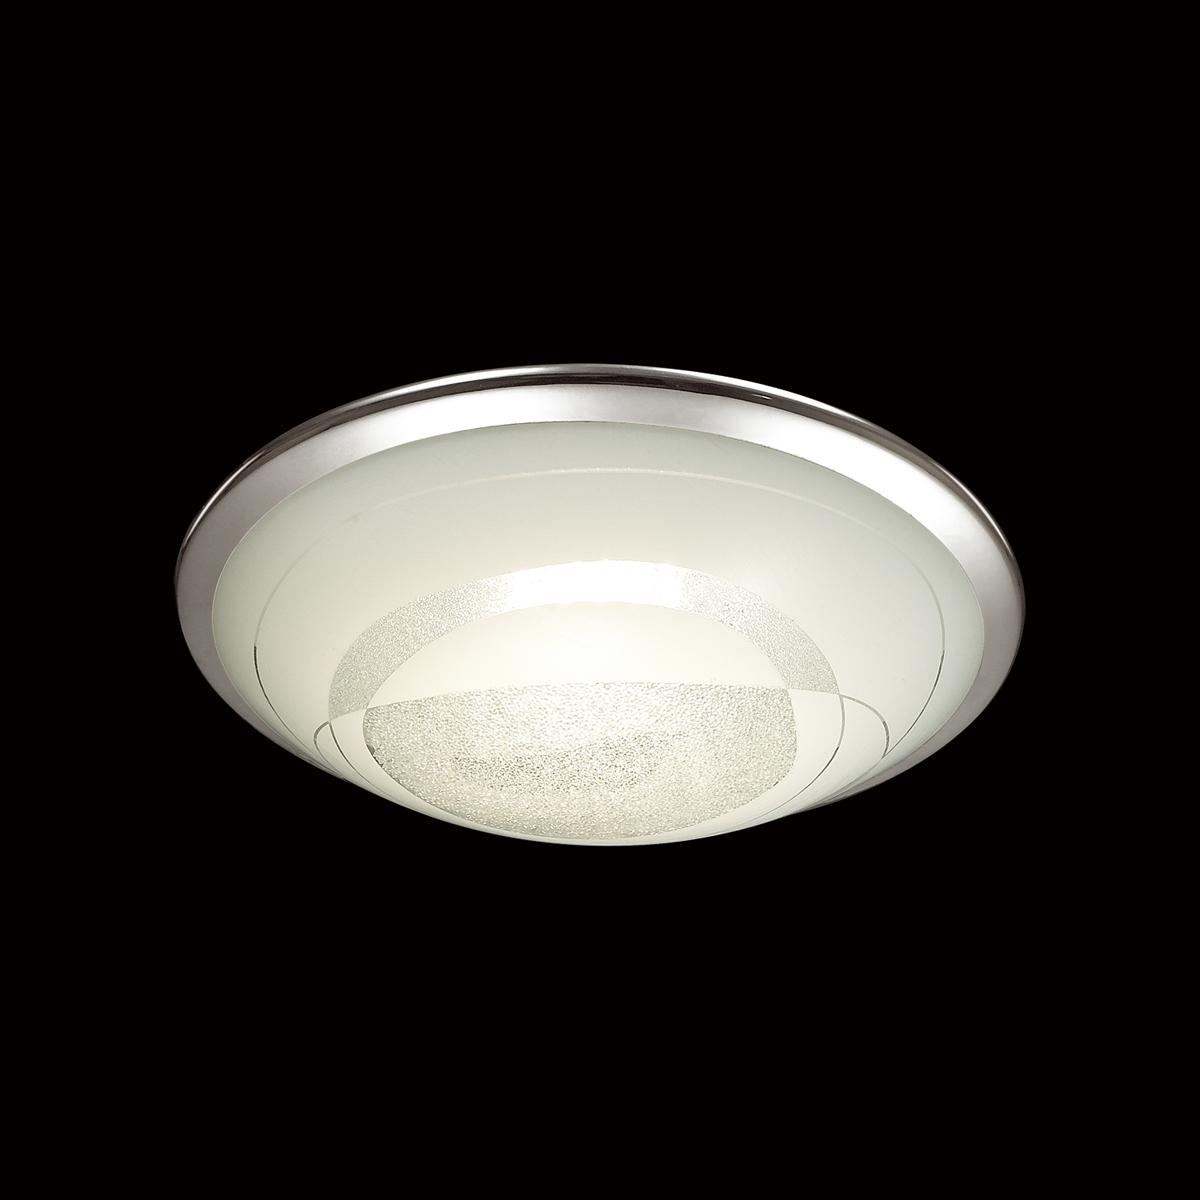 Потолочный светодиодный светильник Sonex Mabia 2062/CL, LED 28W 4000K 1419lm, хром, белый, металл, стекло - фото 4